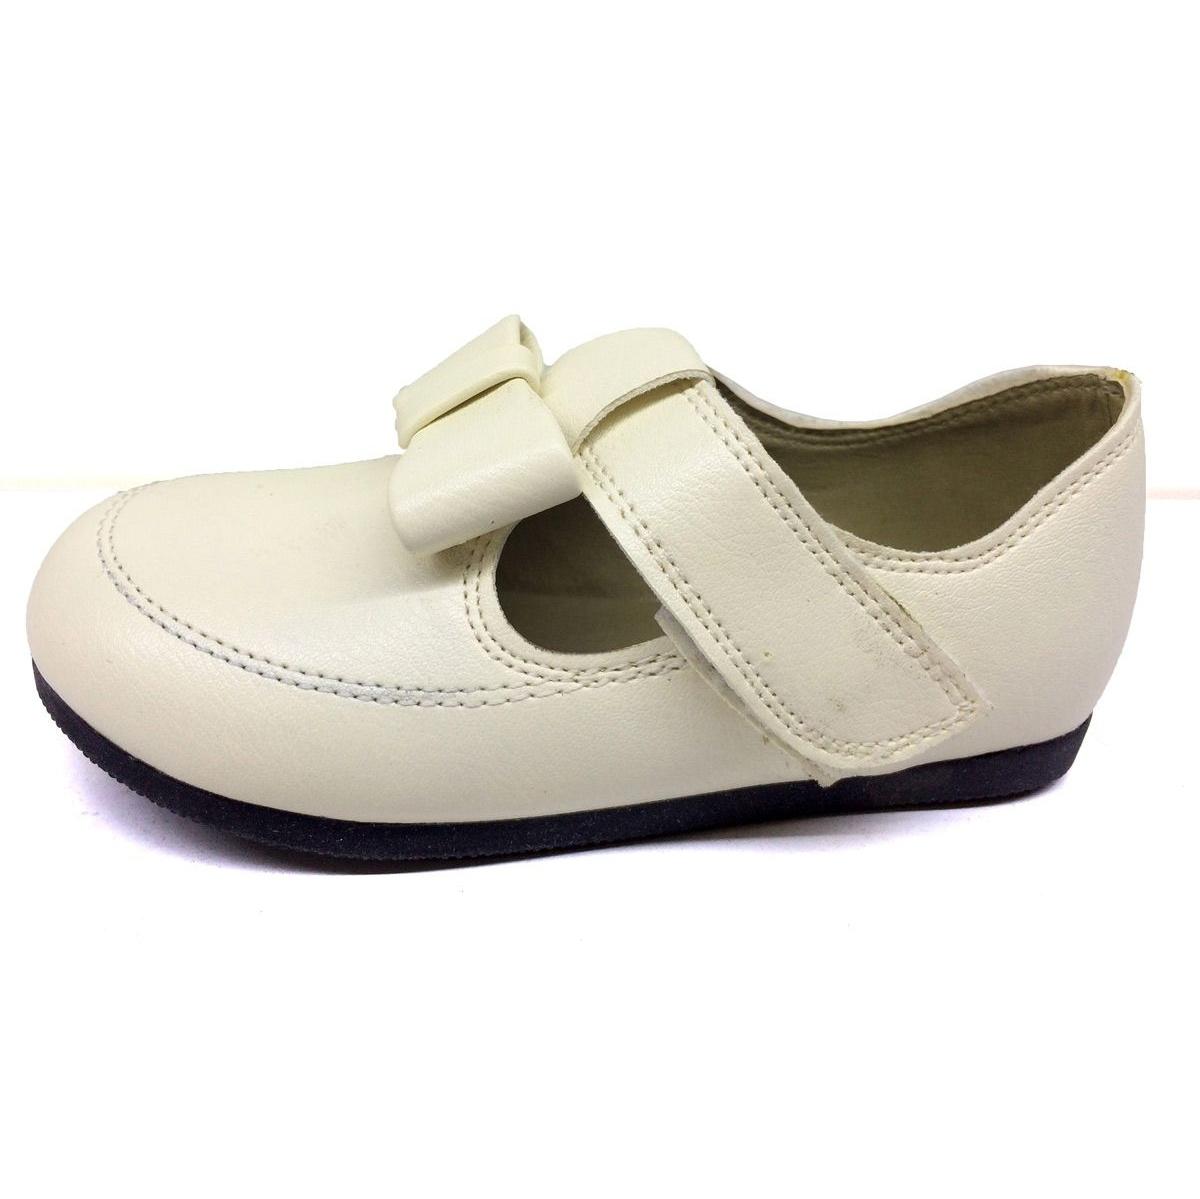 کفش دخترانه مدل Lux-dorna002